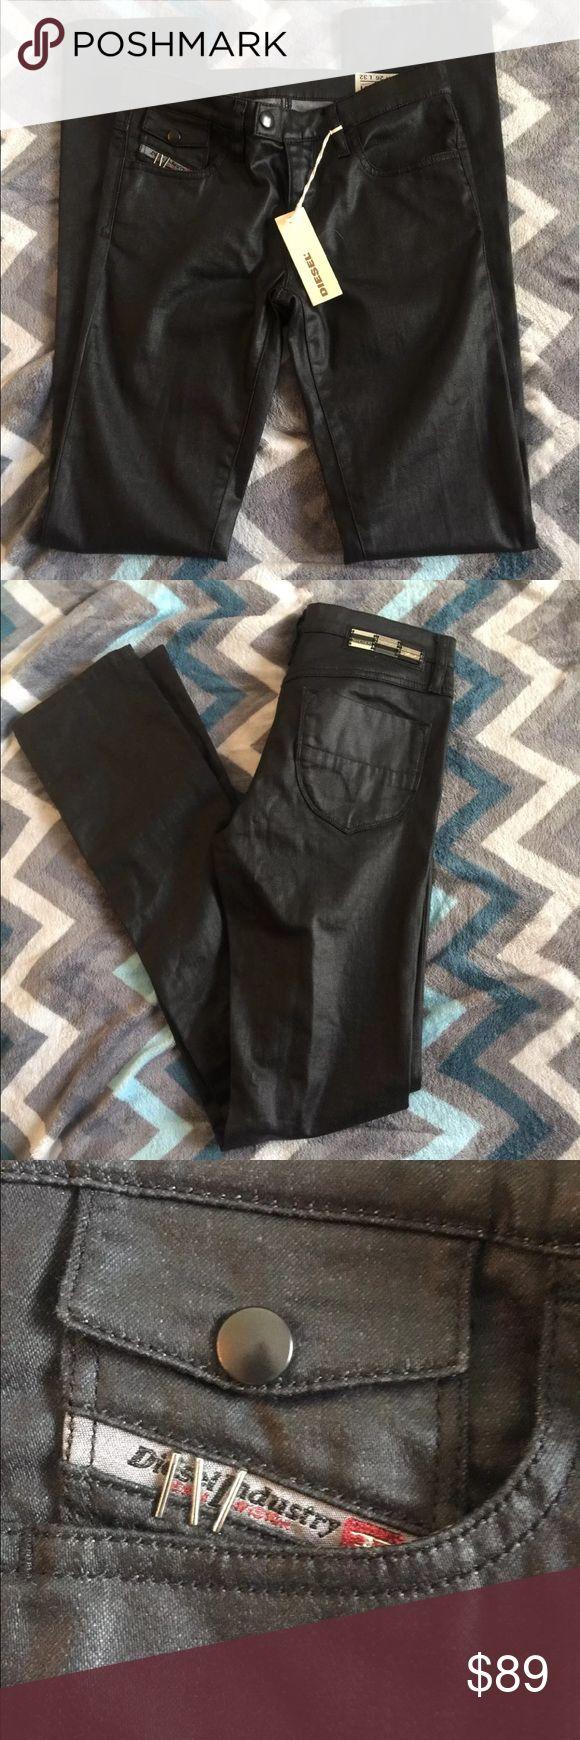 NWT Diesel Livy-biker jeans Diesel NWT Livy-biker wash 0065Q_stretch size 26 inseam 32 mid-rise dark black leather wash. Diesel Jeans Skinny